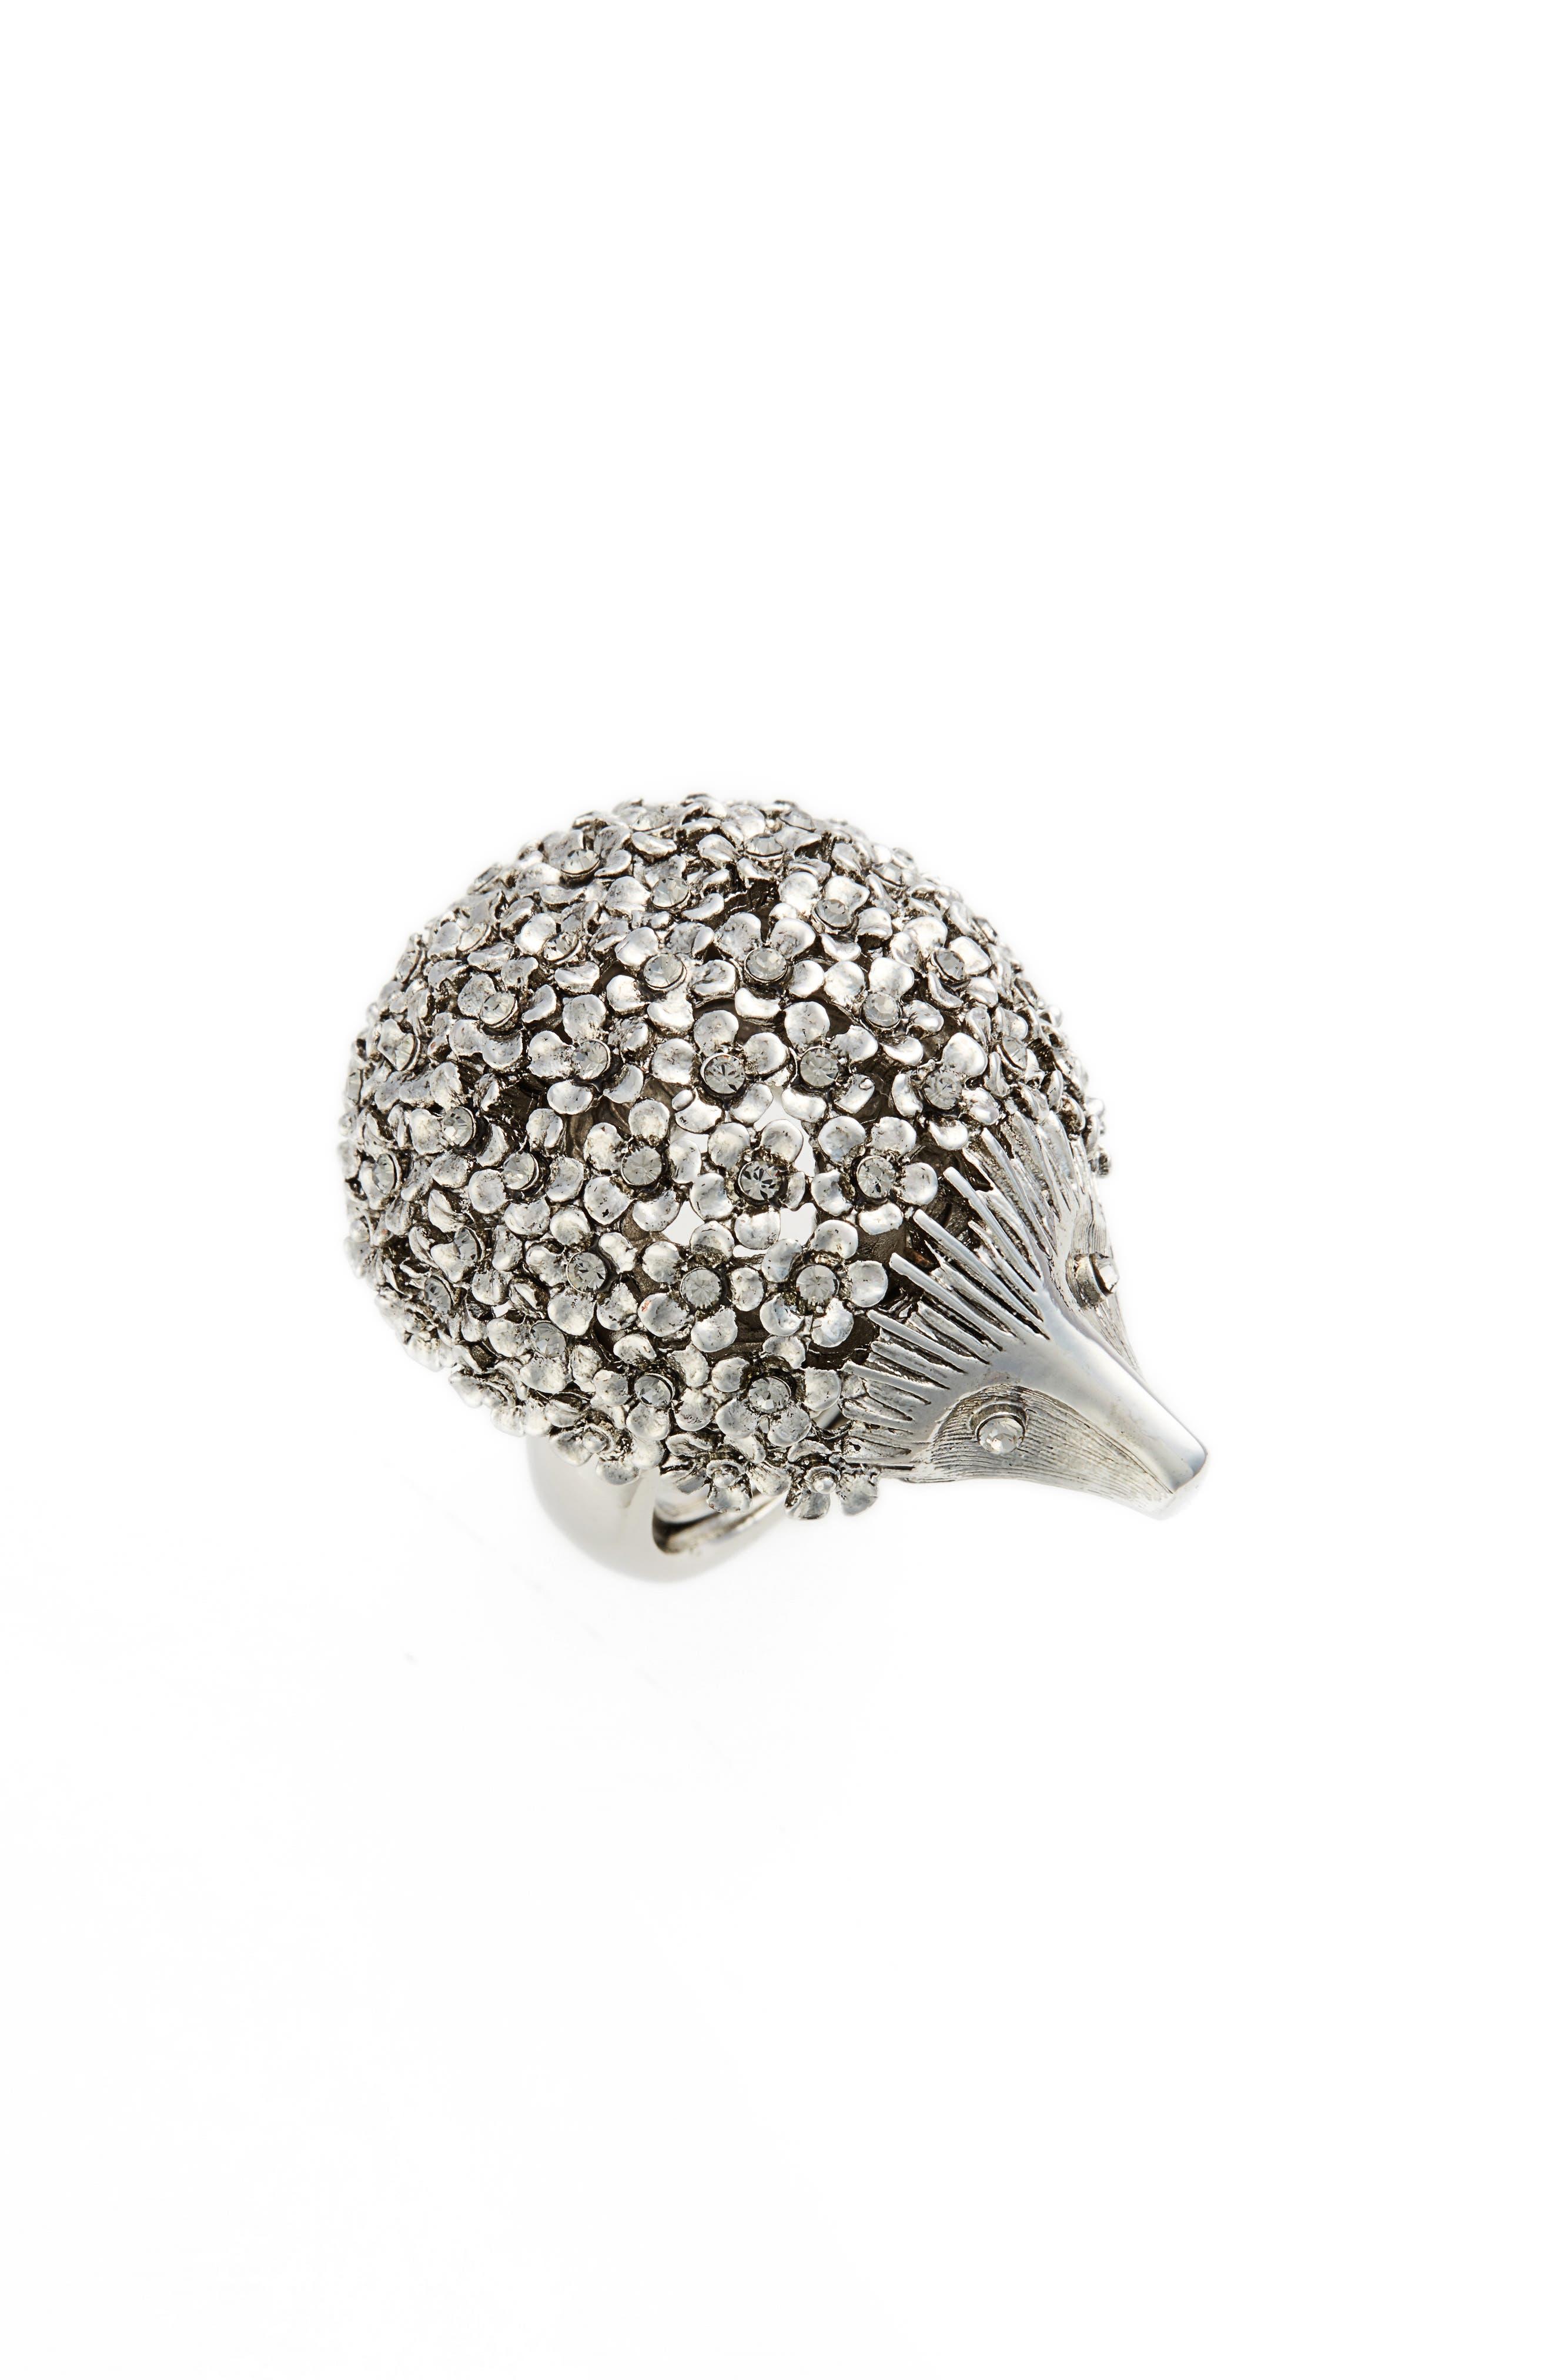 Oscar de la Renta Crystal Hedgehog Ring